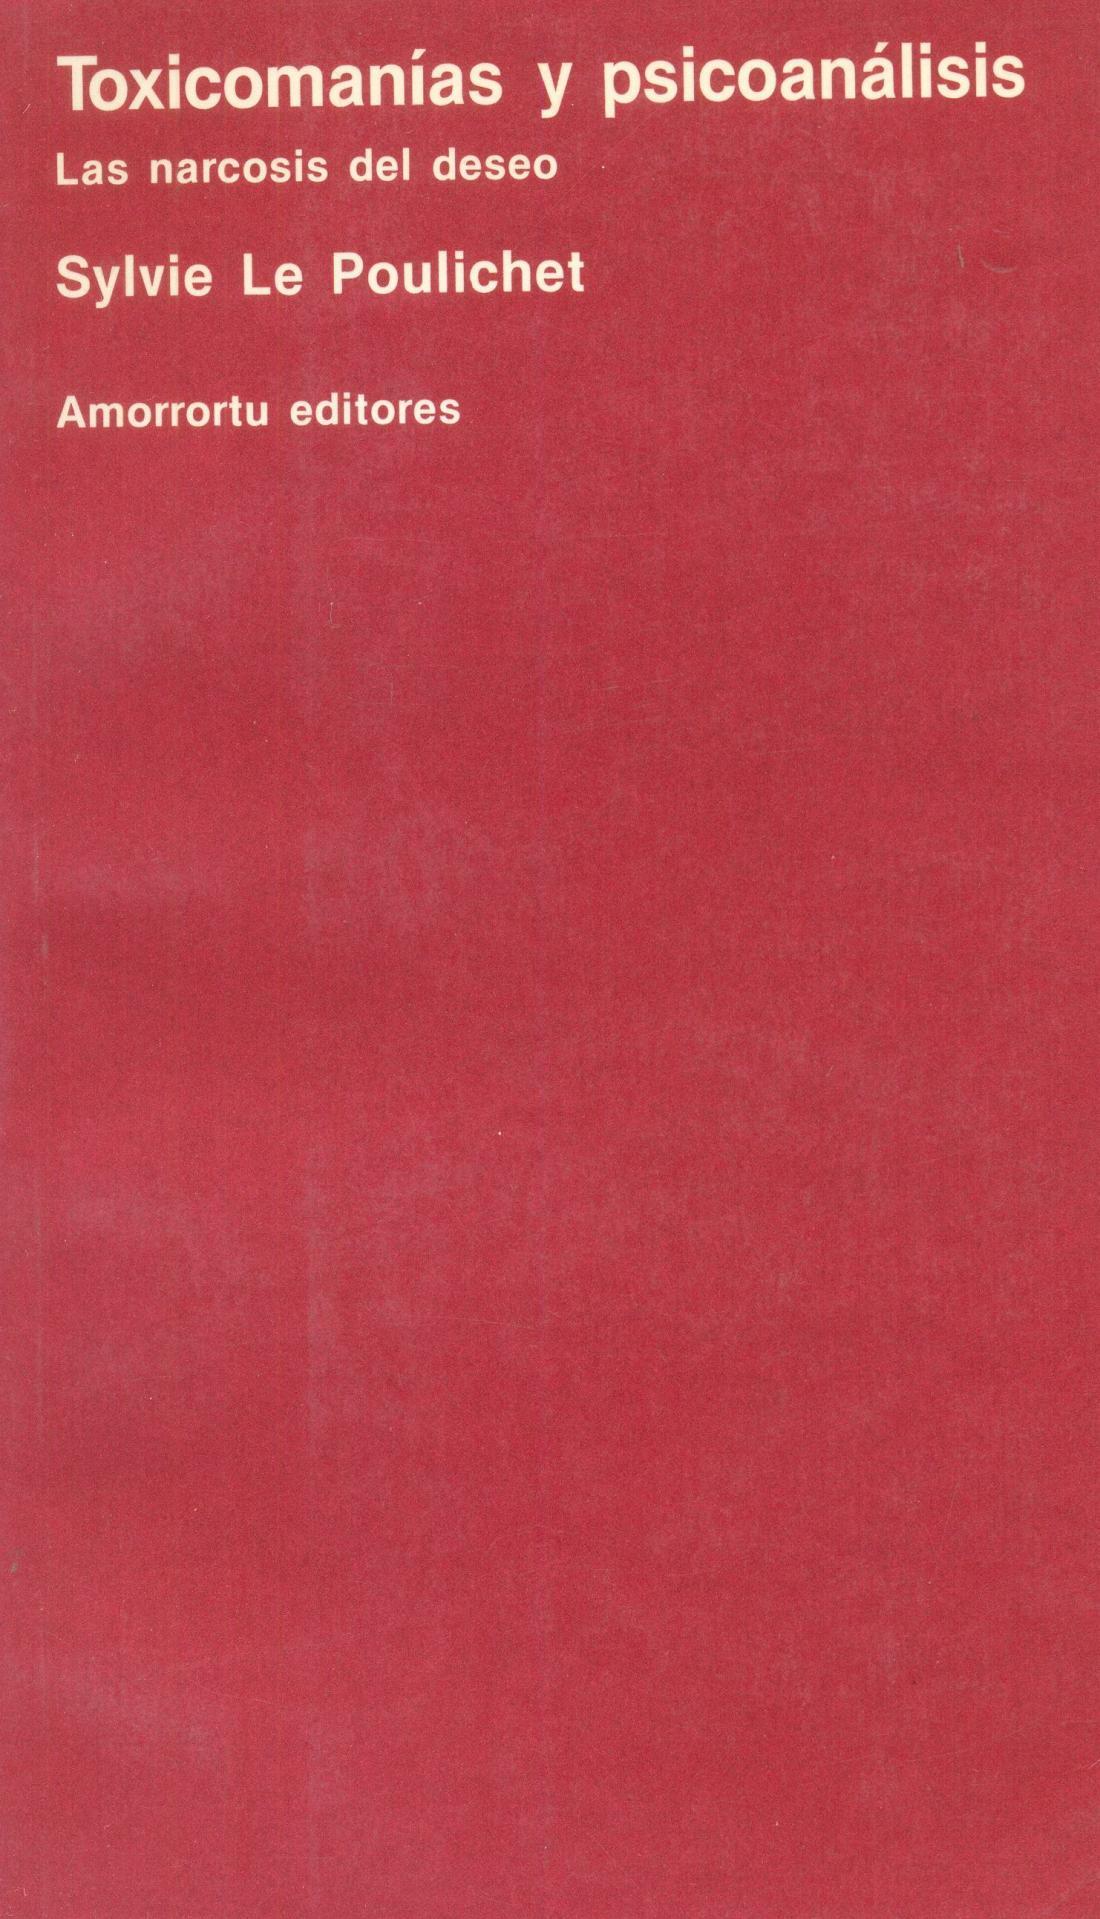 TOXICOMANÍAS Y PSICOANÁLISIS.  La narcosis del deseo. Le Poulichet, S.